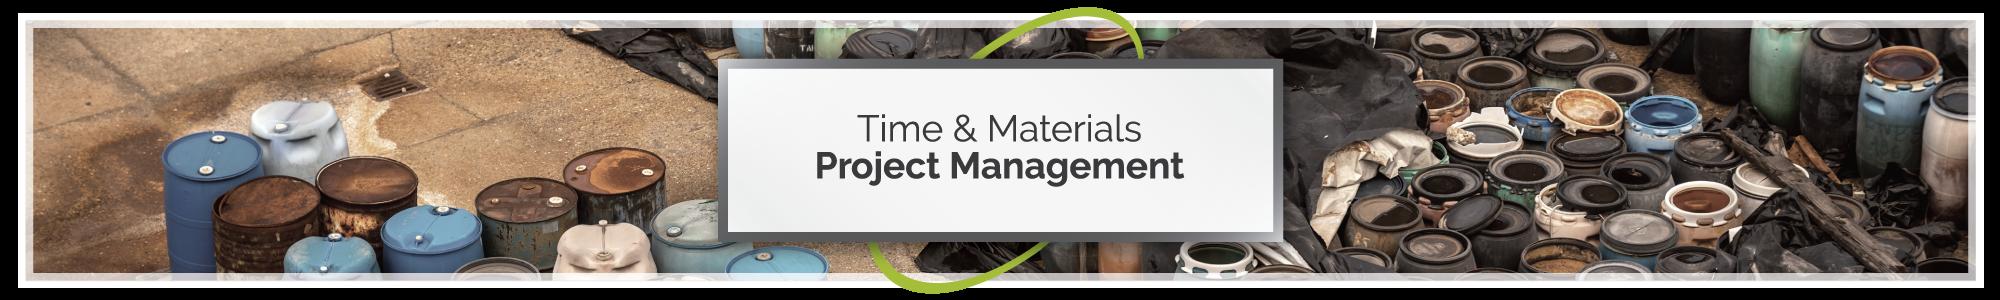 Tim-&-Materials